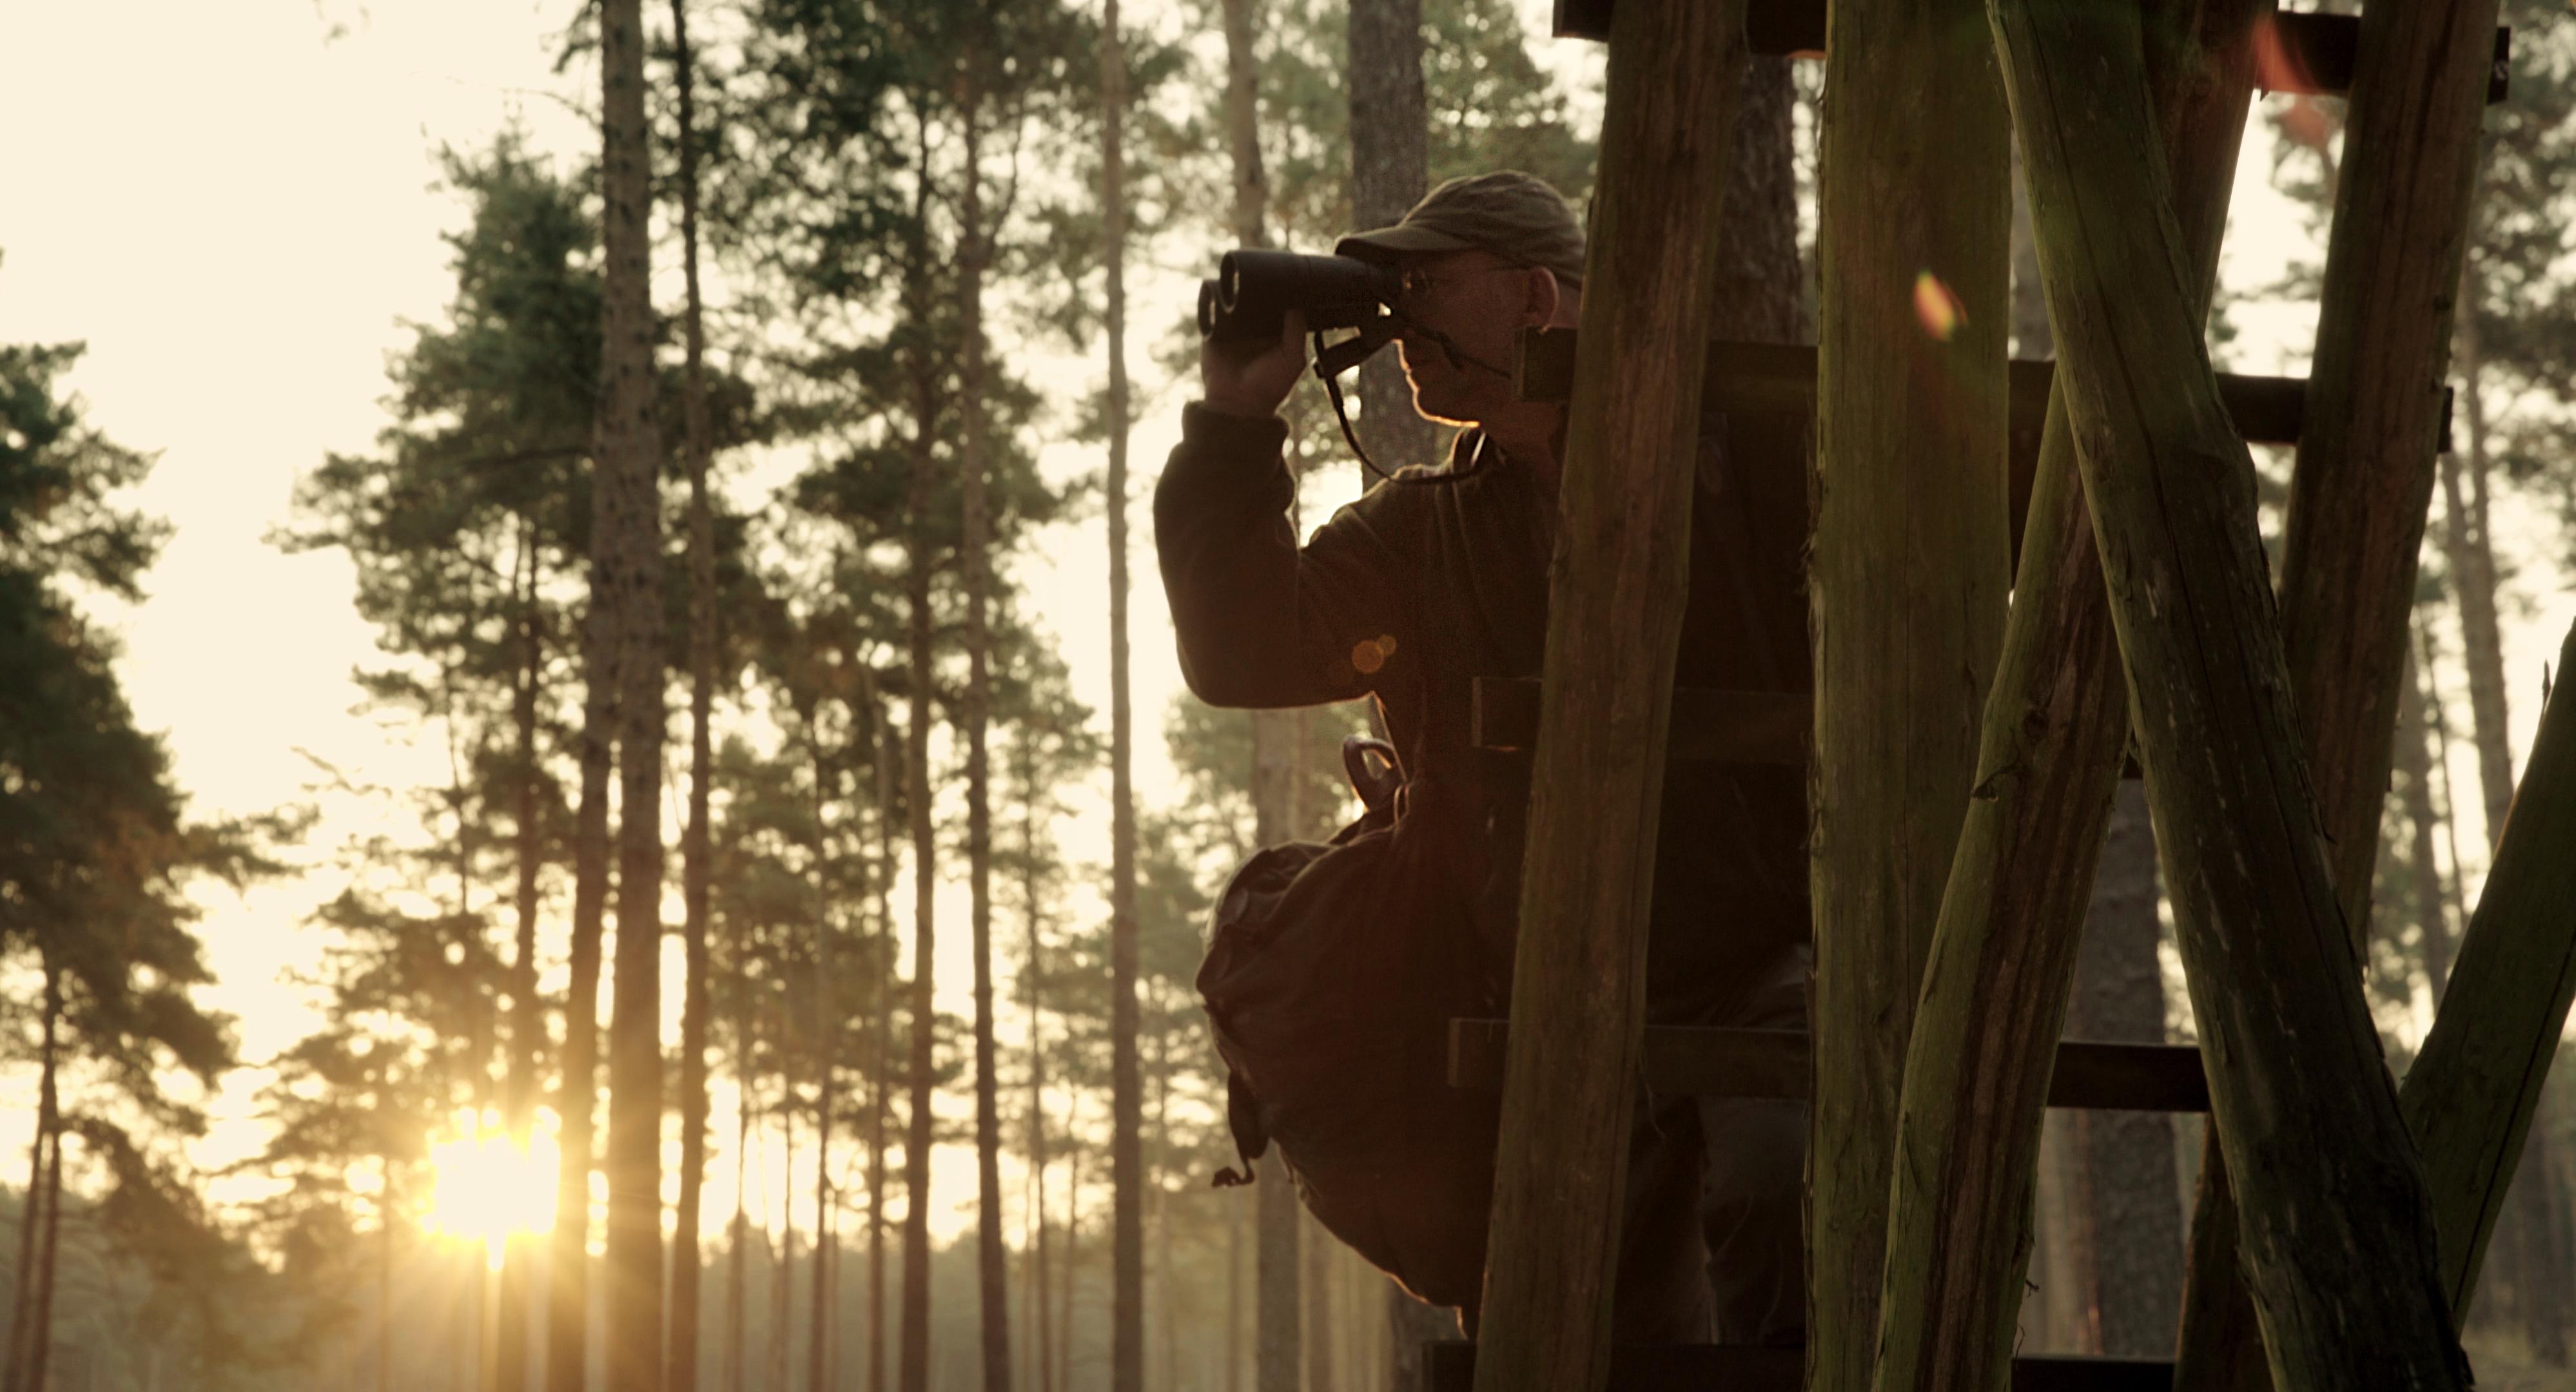 Filmempfehlung: Auf der Jagd - Wem gehört die Natur?